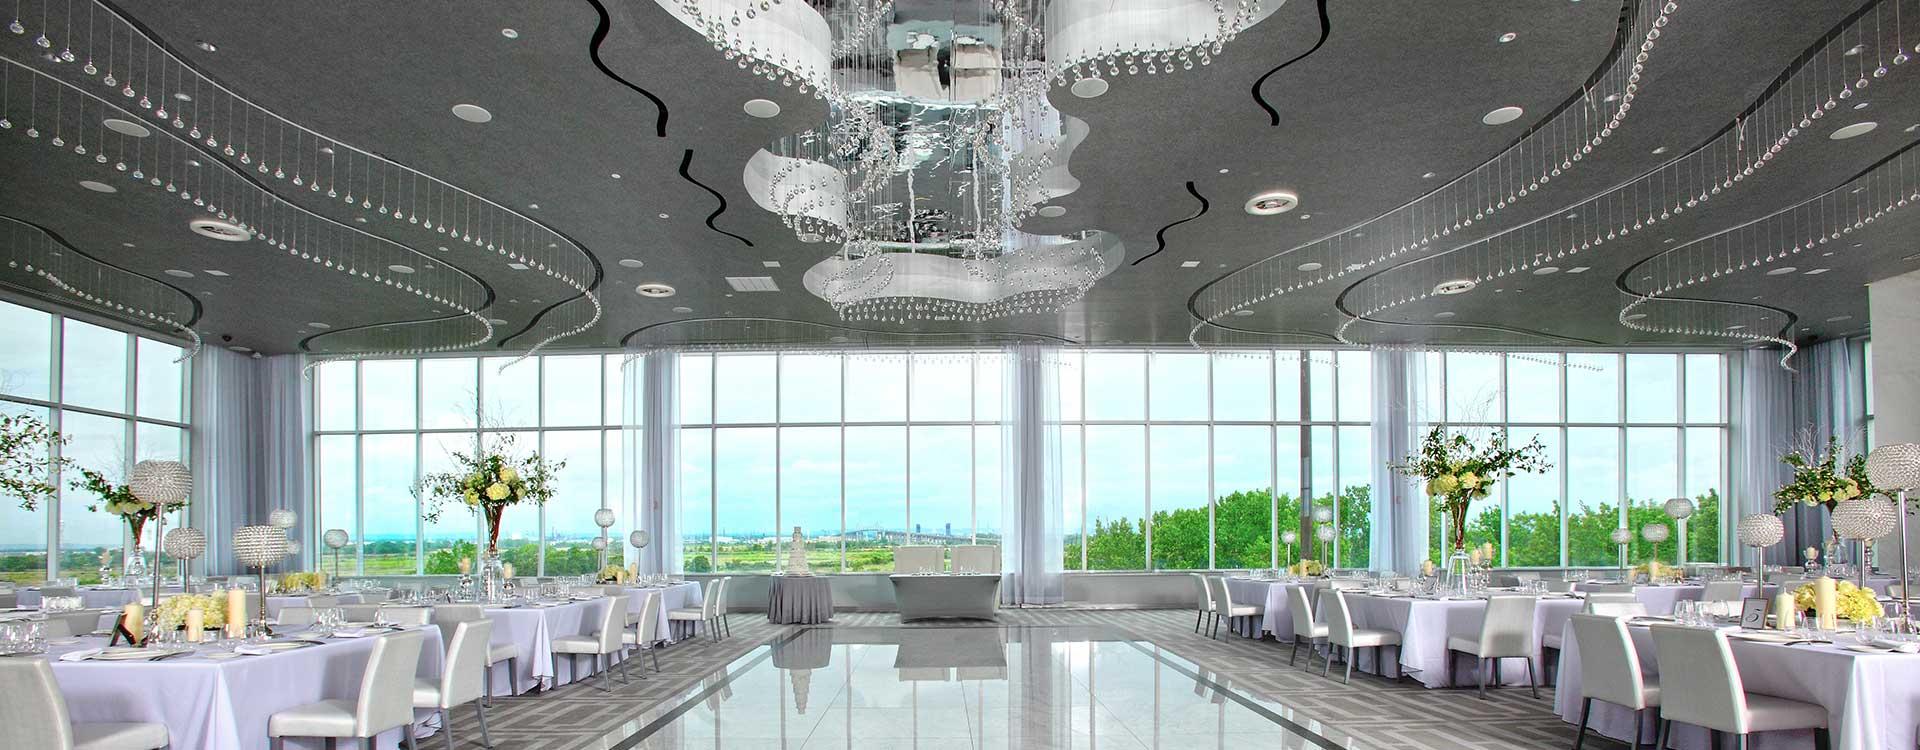 Hilton Restaurant In Staten Island